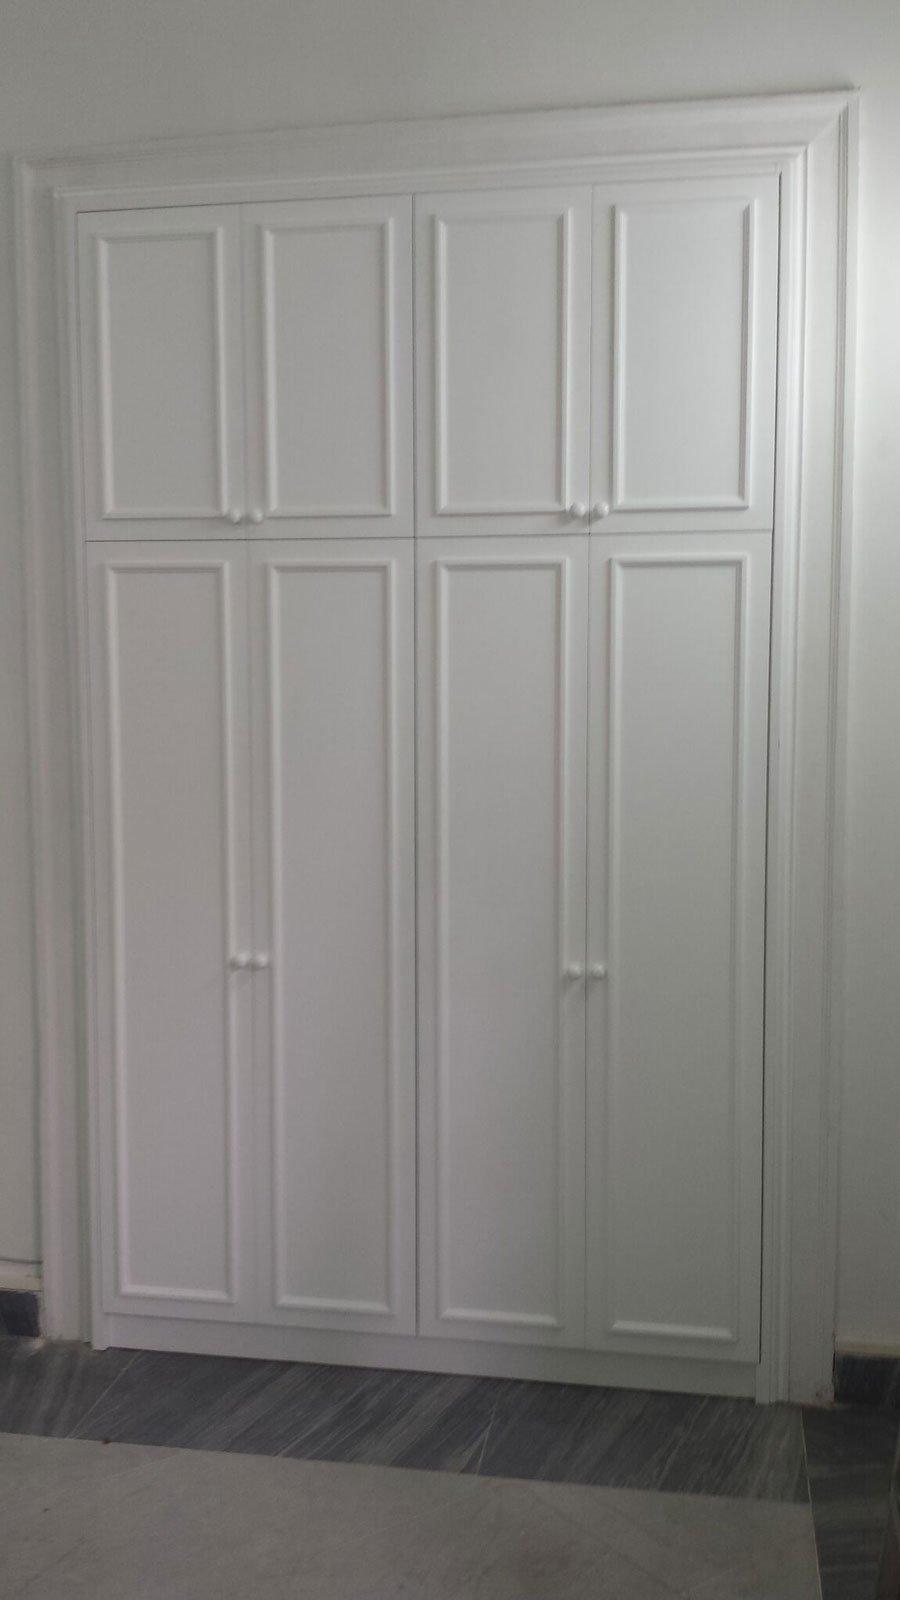 Armadio A Muro Laccato Bianco.Armadio A Muro Con Ante Laccate Bianco Arecodesign Napoli